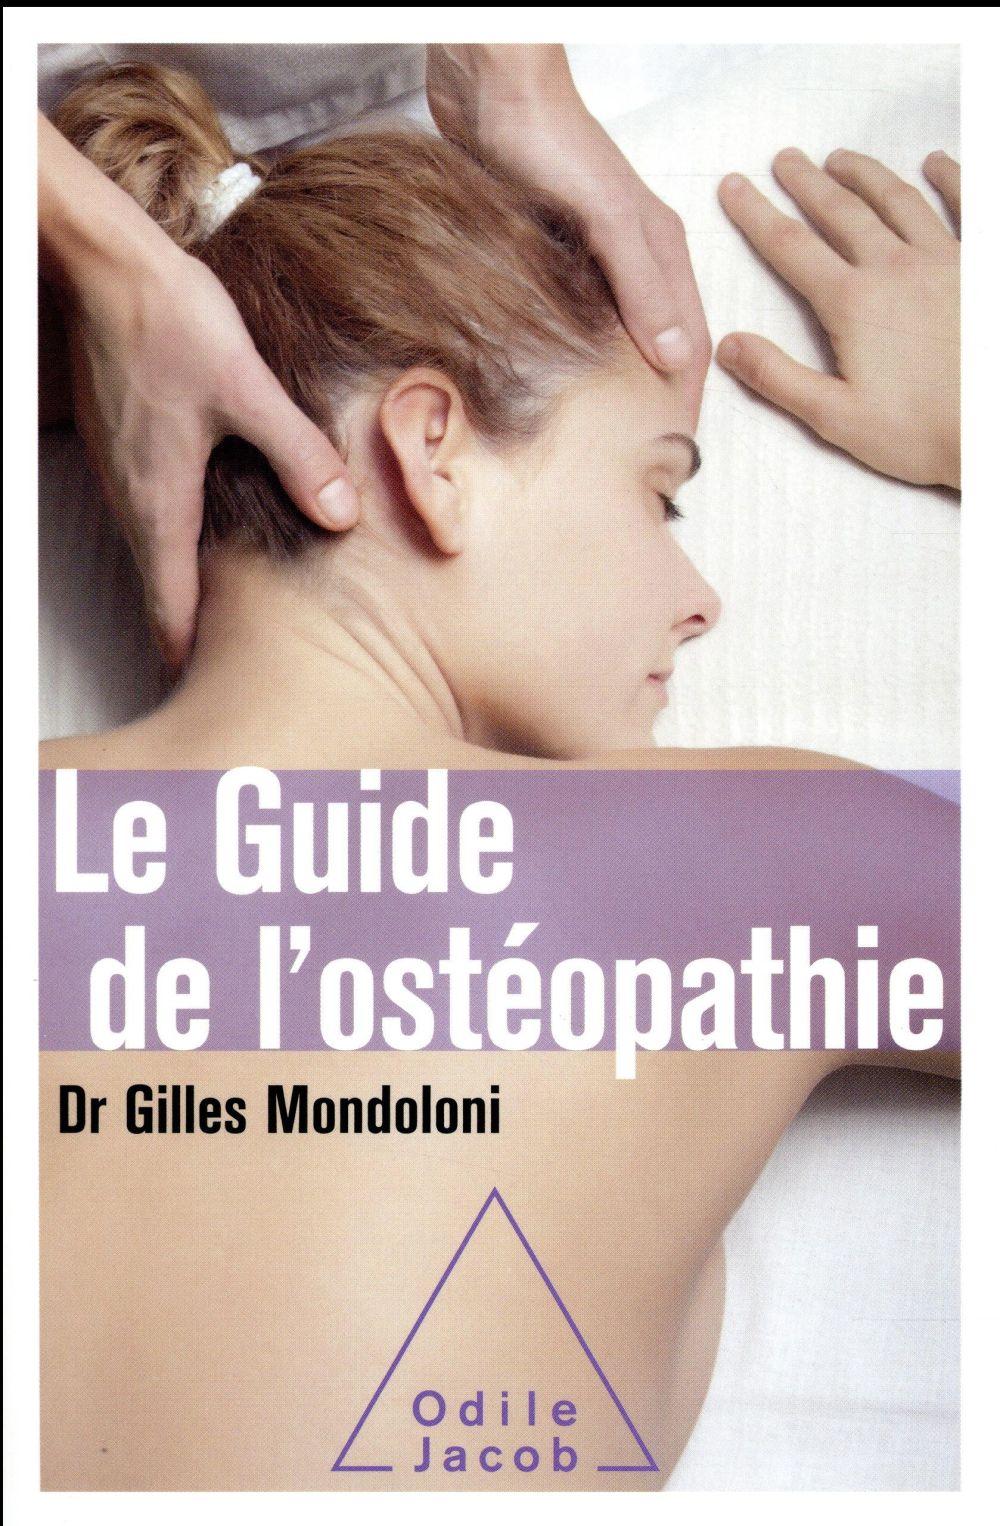 LE GUIDE DE L'OSTEOPATHIE